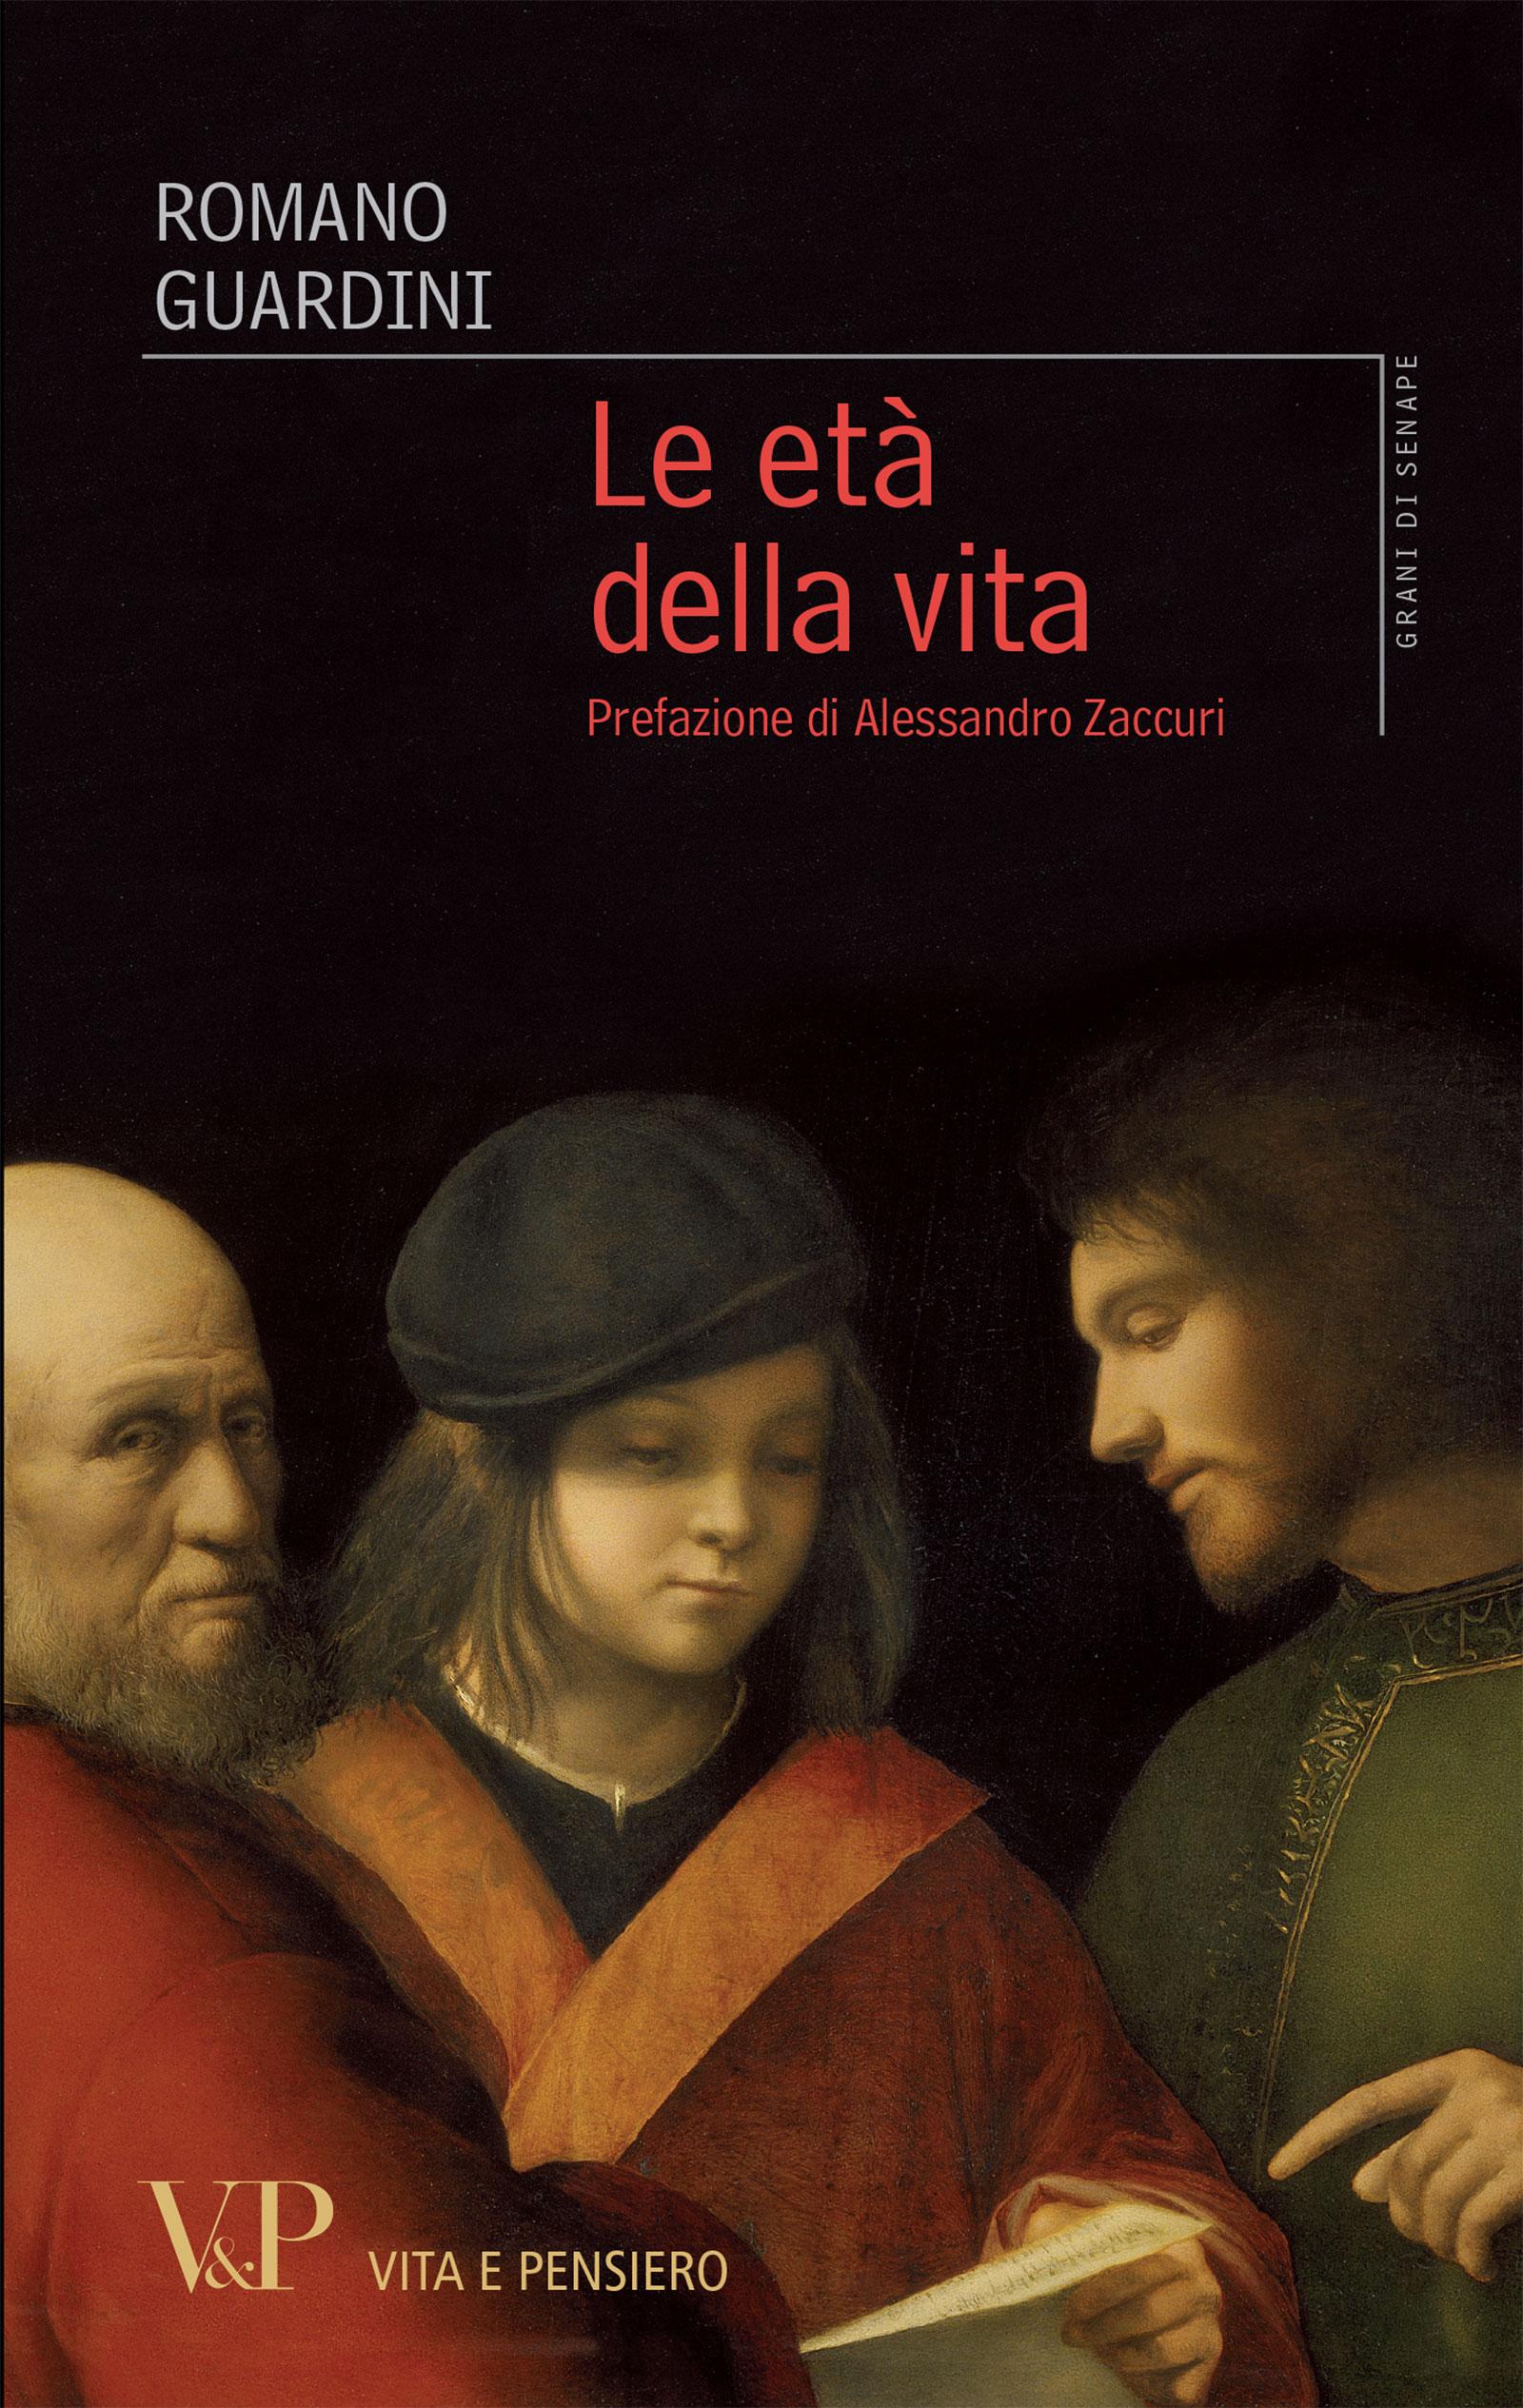 Romano Guardini Matrimonio : Le età della vita